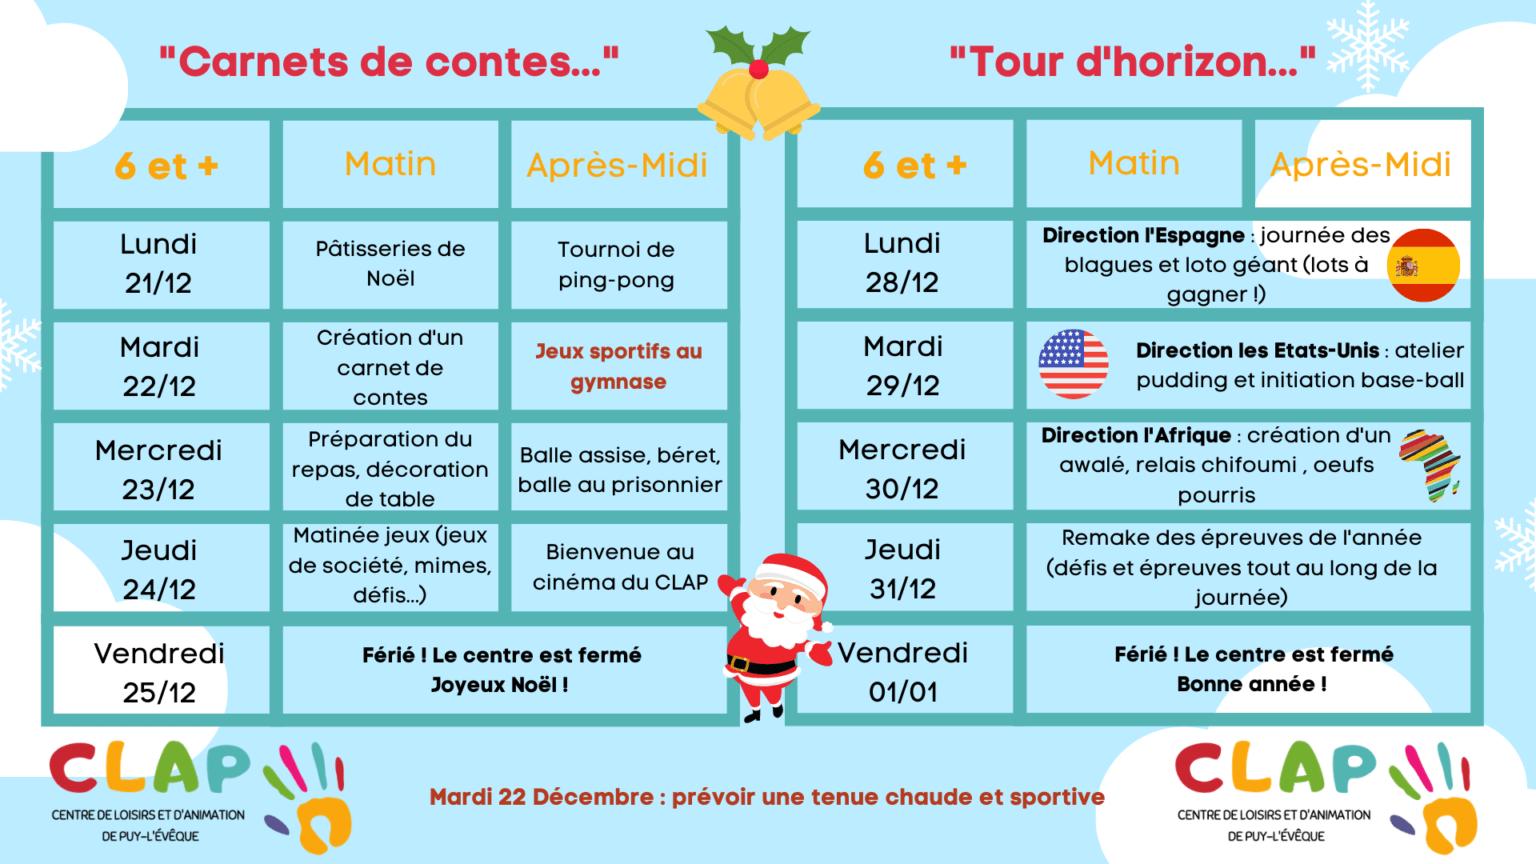 Programme des vacances de fêtes de fin d'année pour les enfants de 6 ans et plus